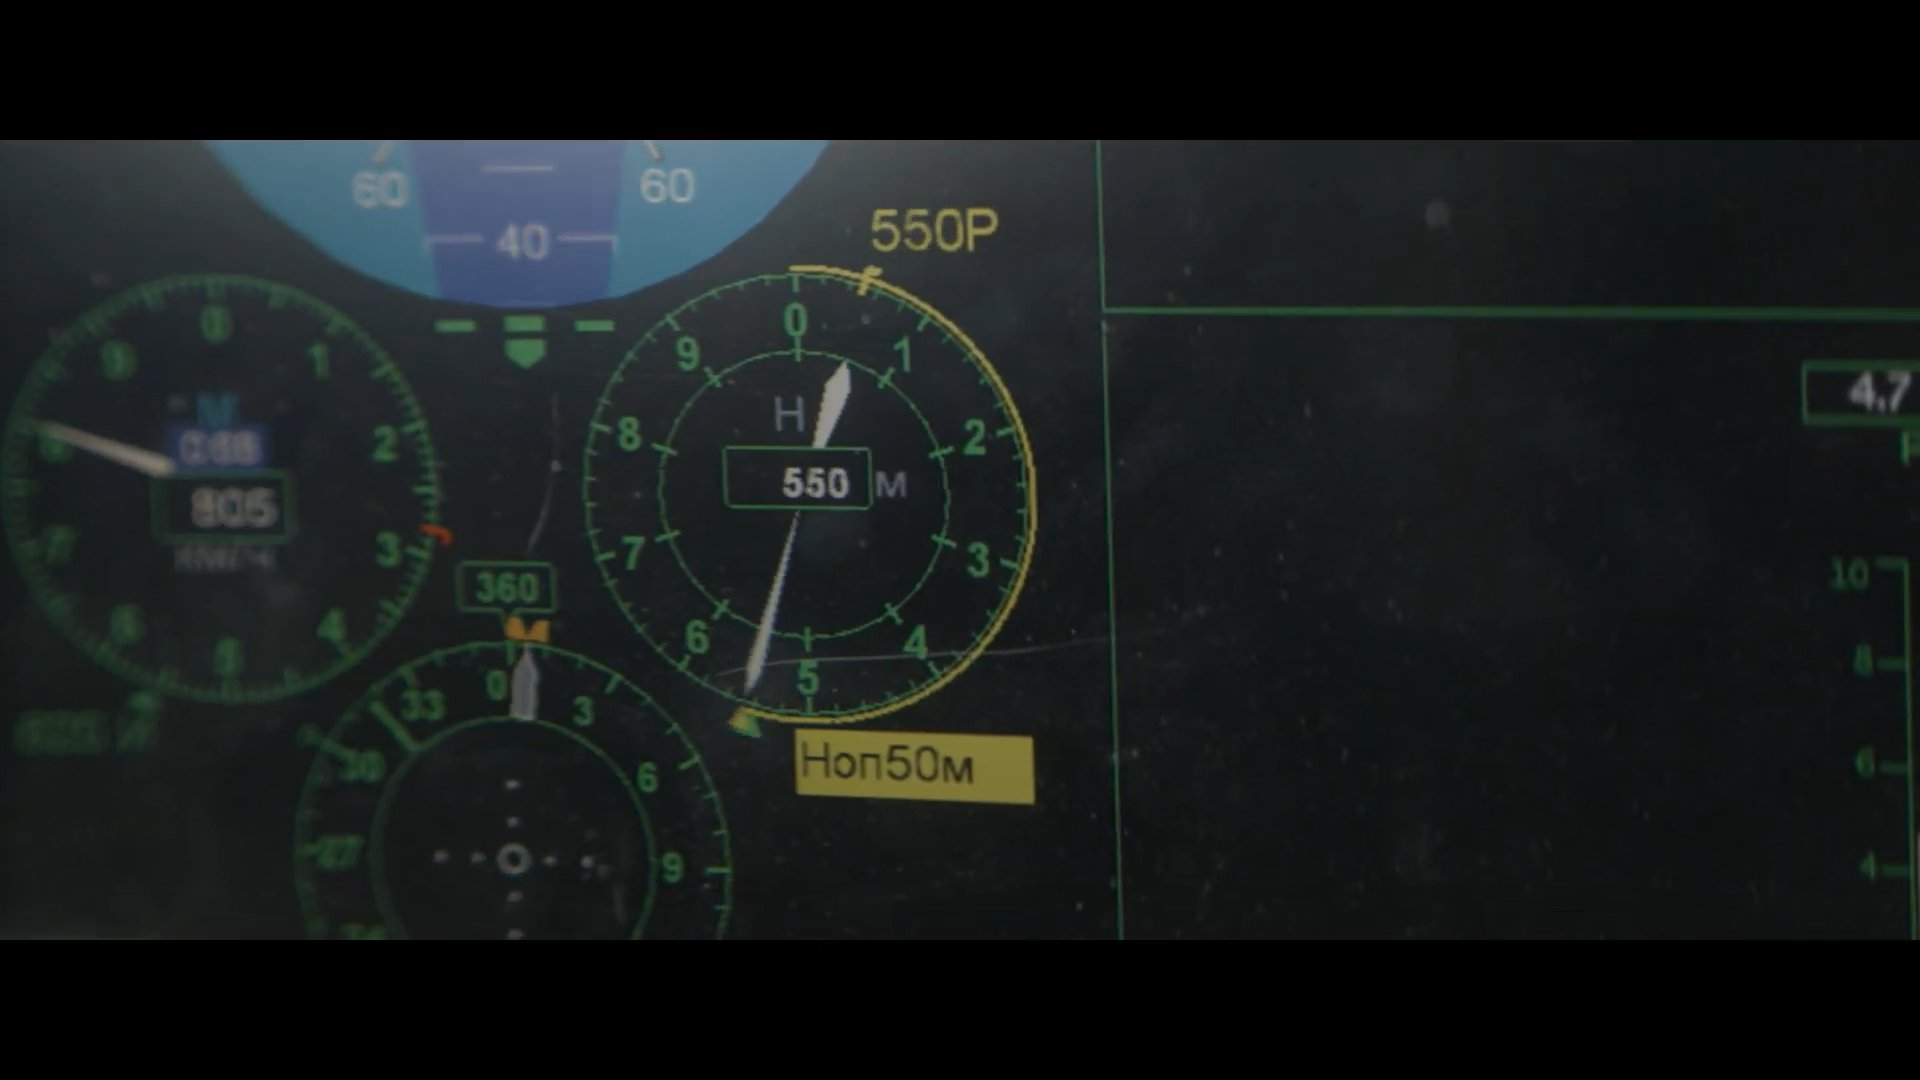 روسيا ستكشف عن مقاتلة جيل خامس خفيفة مشابهة ل اف35 في معرض ماكس  E6m6pR1WYAYL0sh?format=jpg&name=large